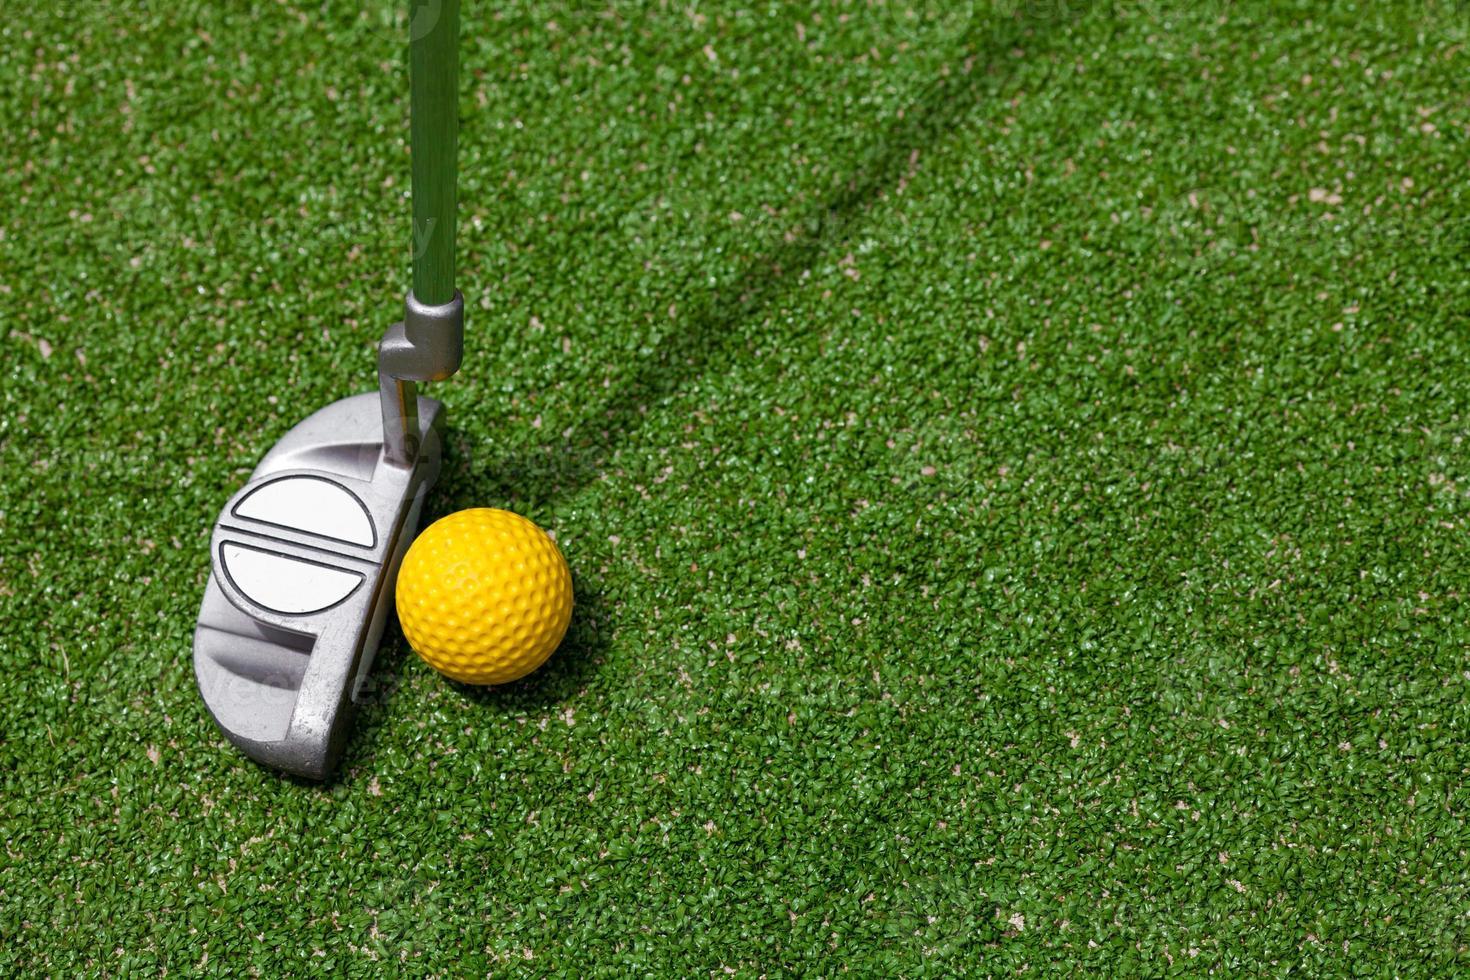 golfclub en bal bovenaanzicht foto